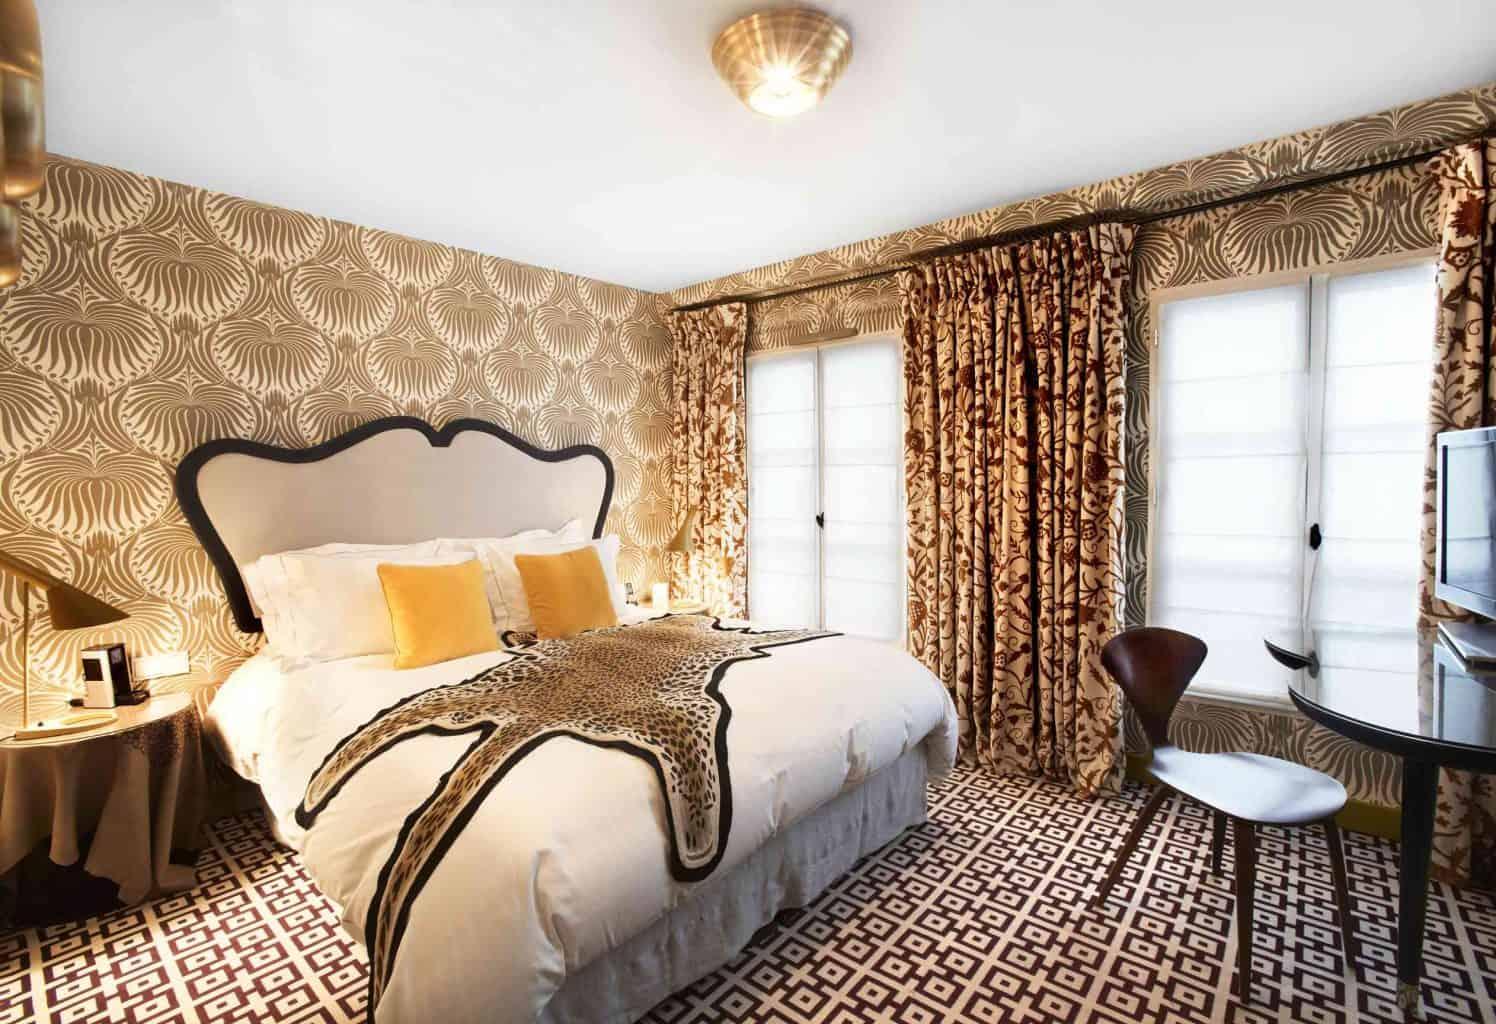 Vďaka štýlu Art Deco sa budete vo vašej spálni cítiť ako kráľovná či kráľ. Zdroj: Thespruce.com